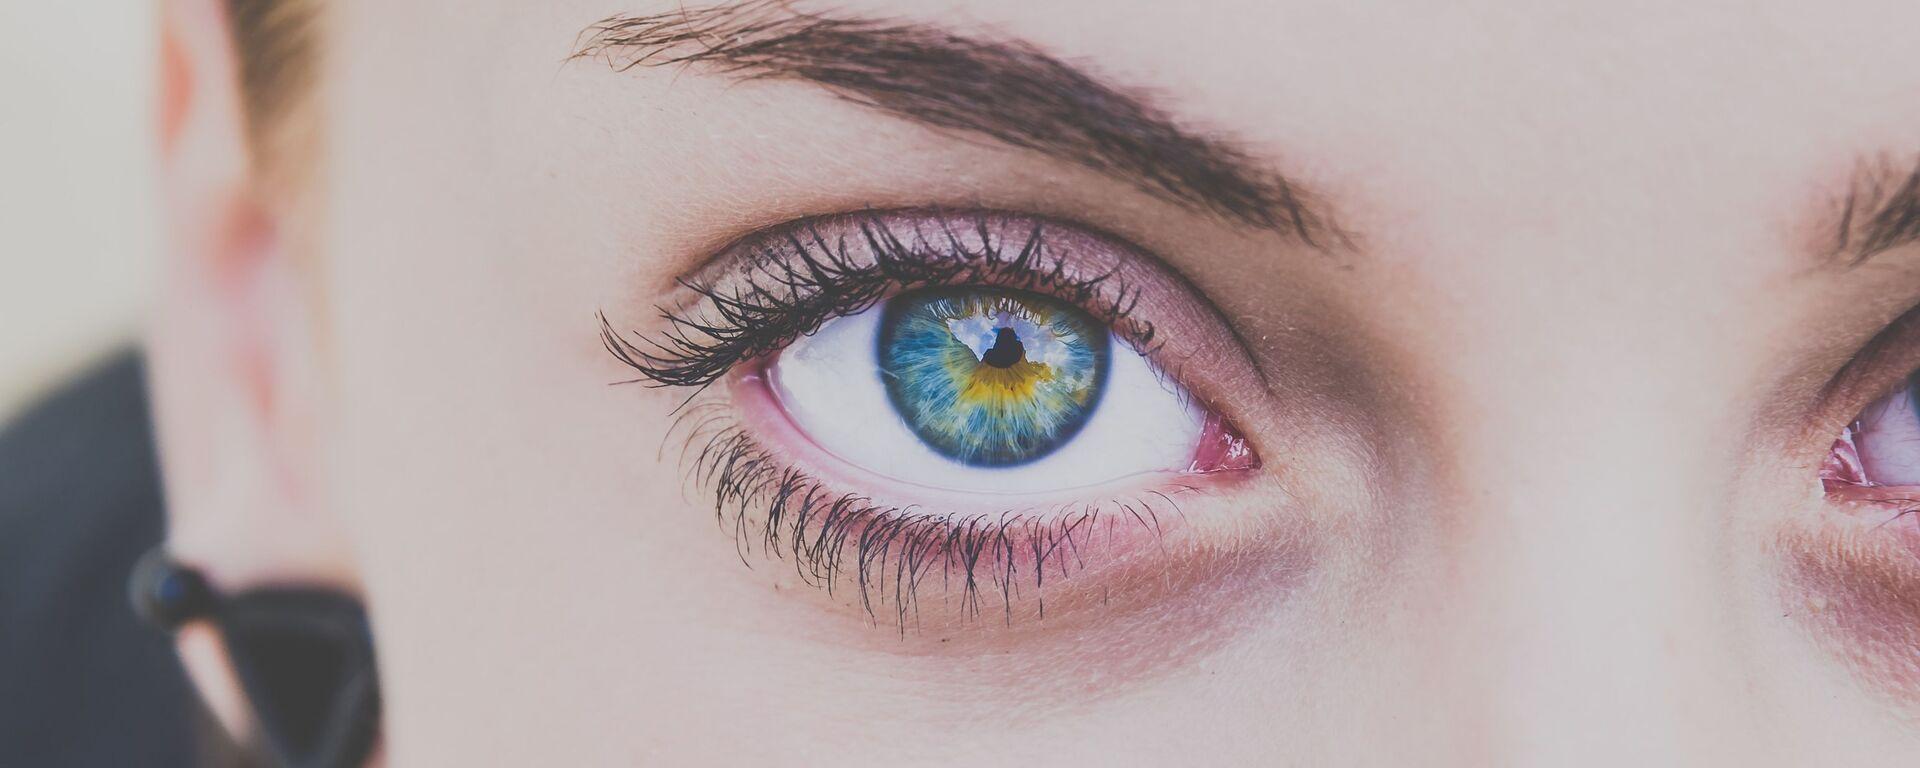 Un ojo (imagen referencial) - Sputnik Mundo, 1920, 16.03.2021